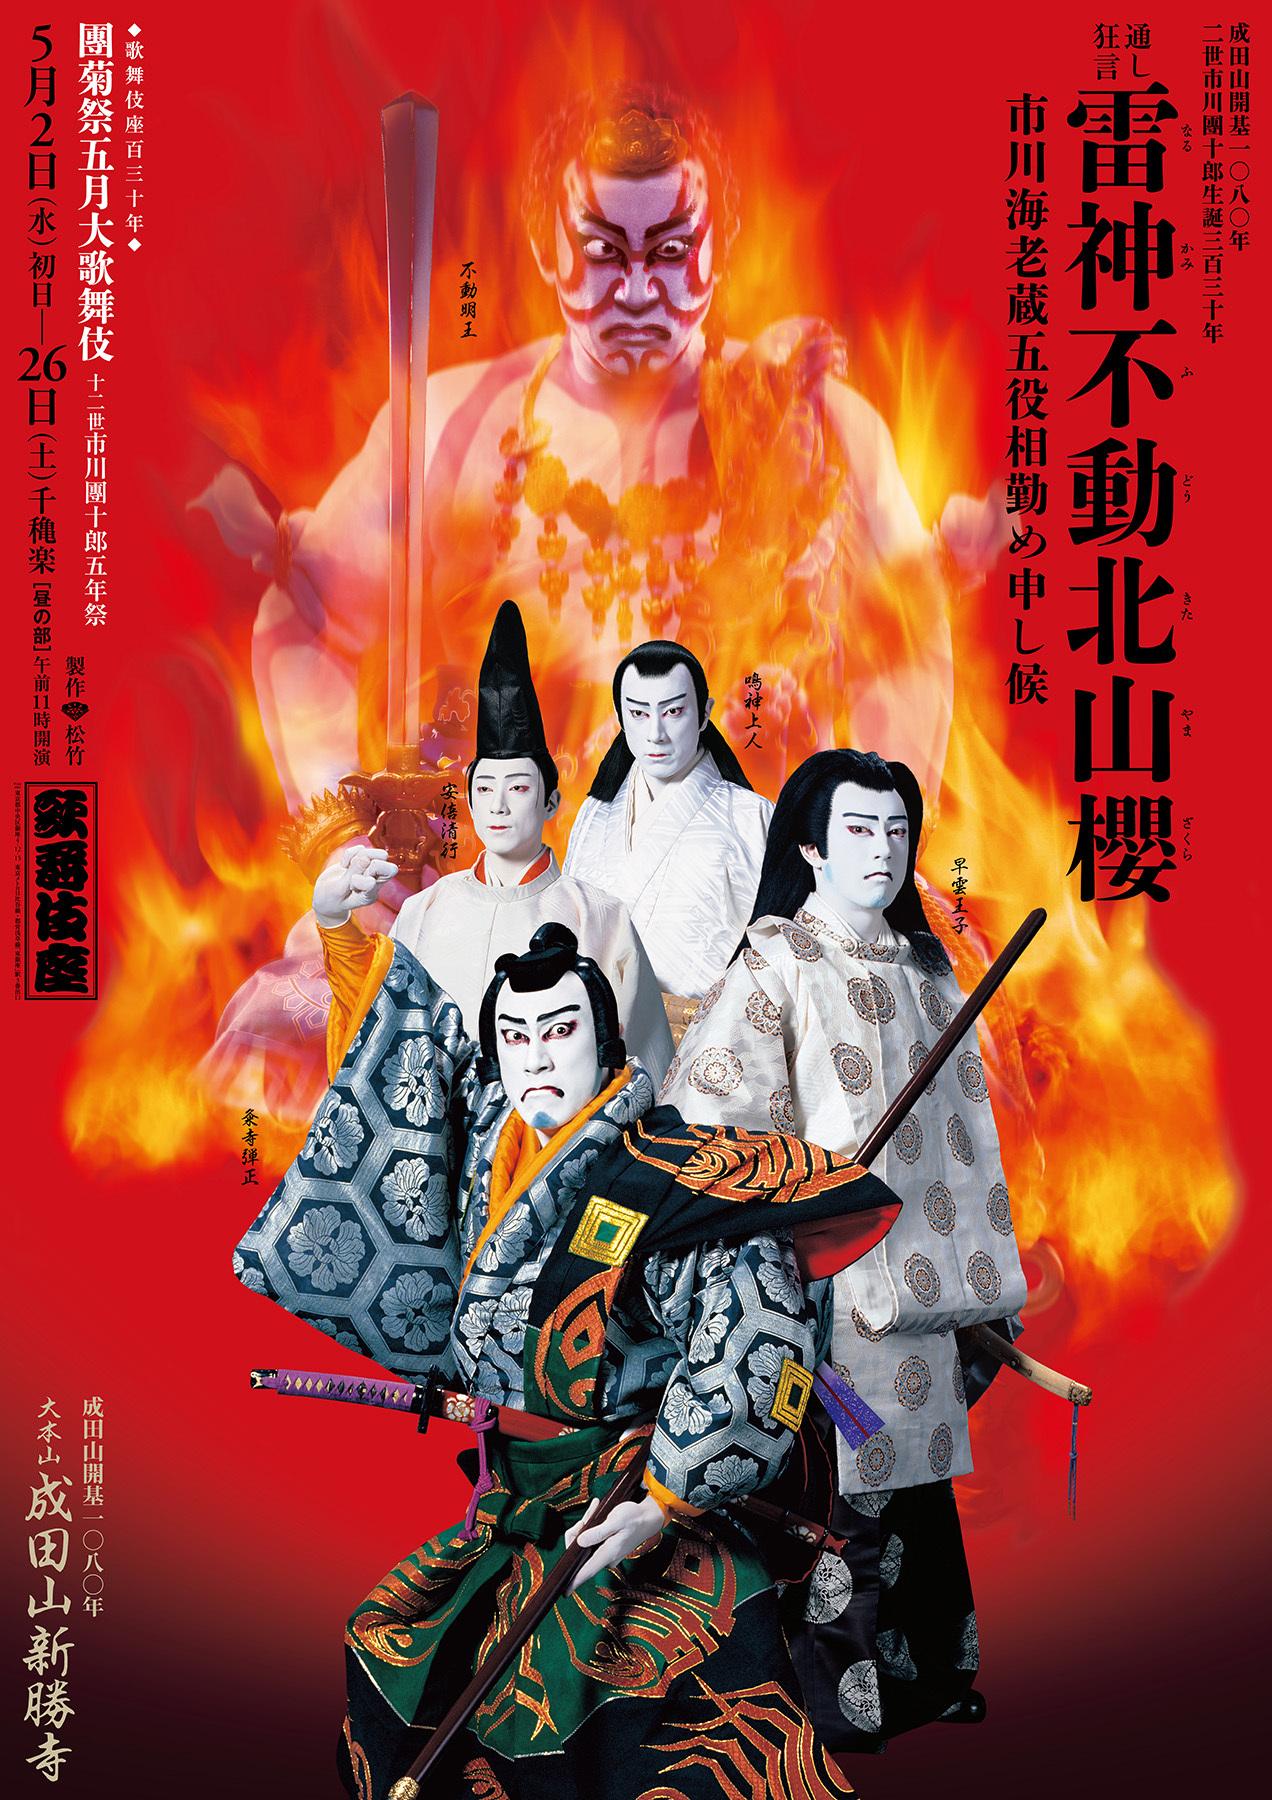 成田山開基1080年記念「雷神不動北山櫻」を、5月の歌舞伎座で上演!チケット好評発売中!